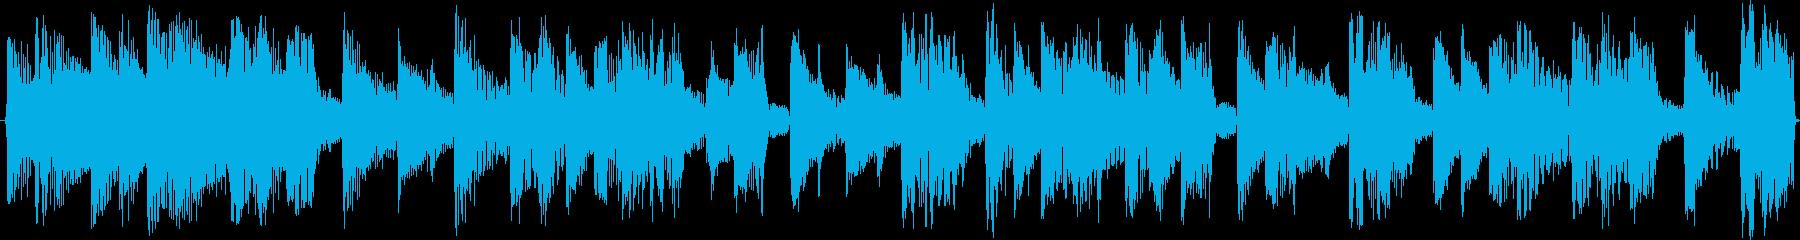 リズミカルなループテクノの再生済みの波形